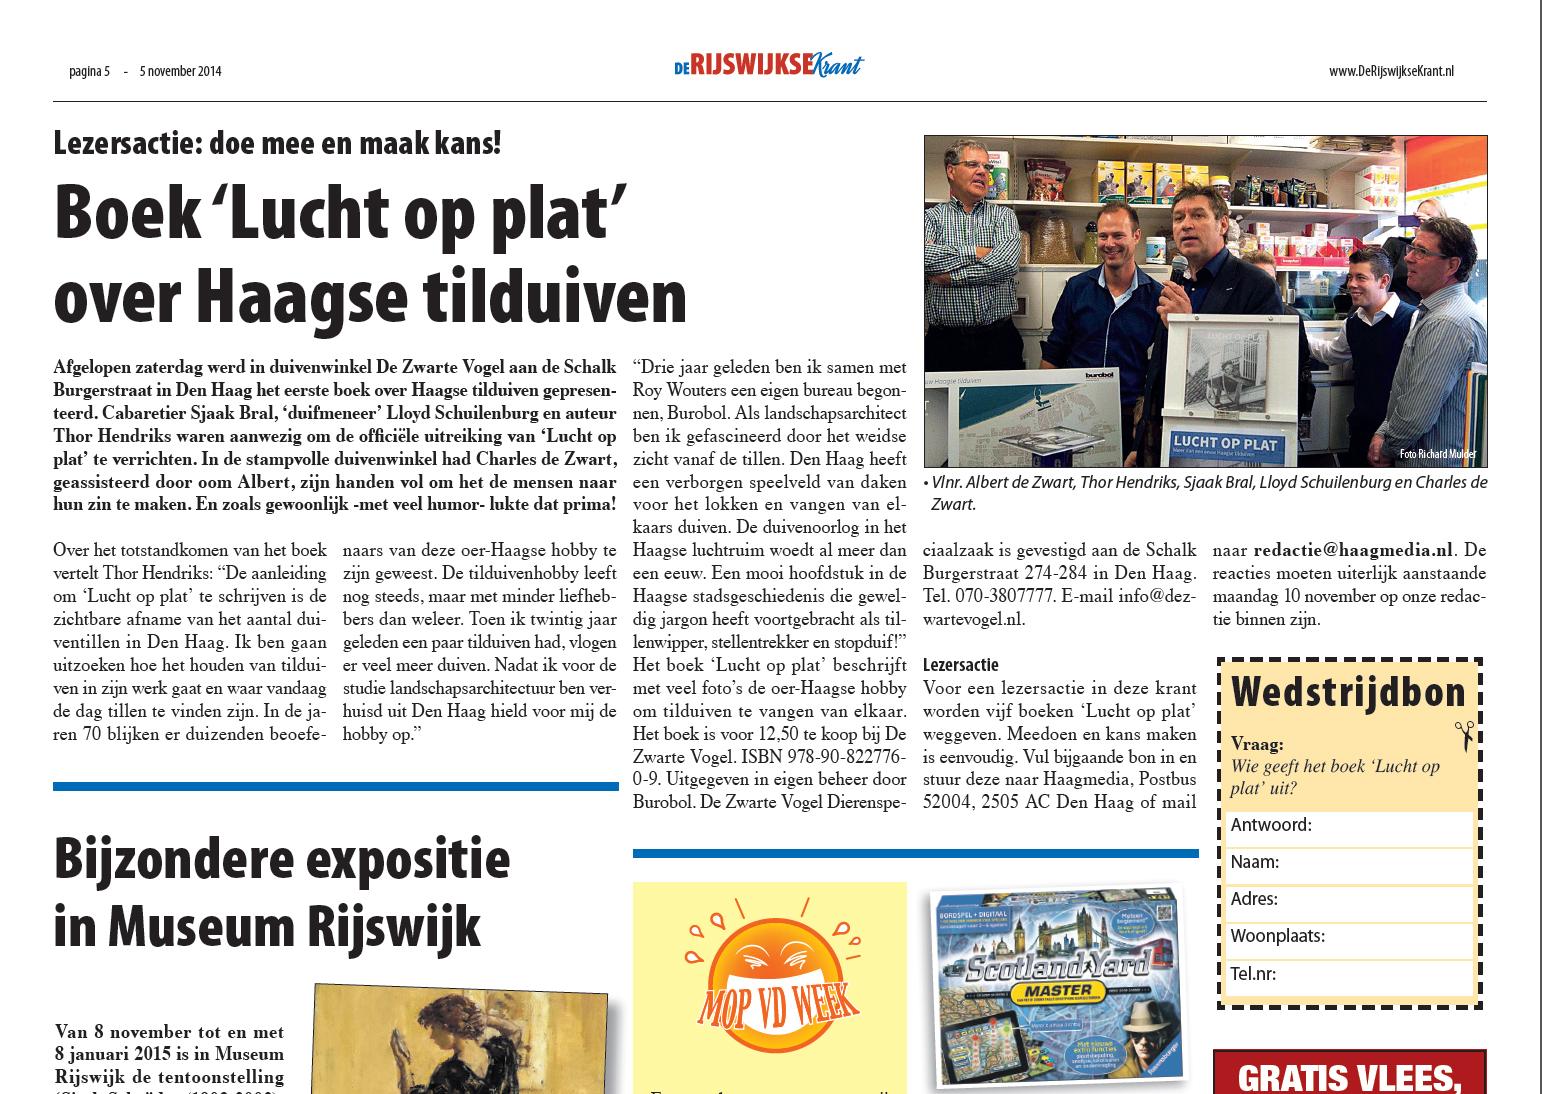 Rijswijkse krant